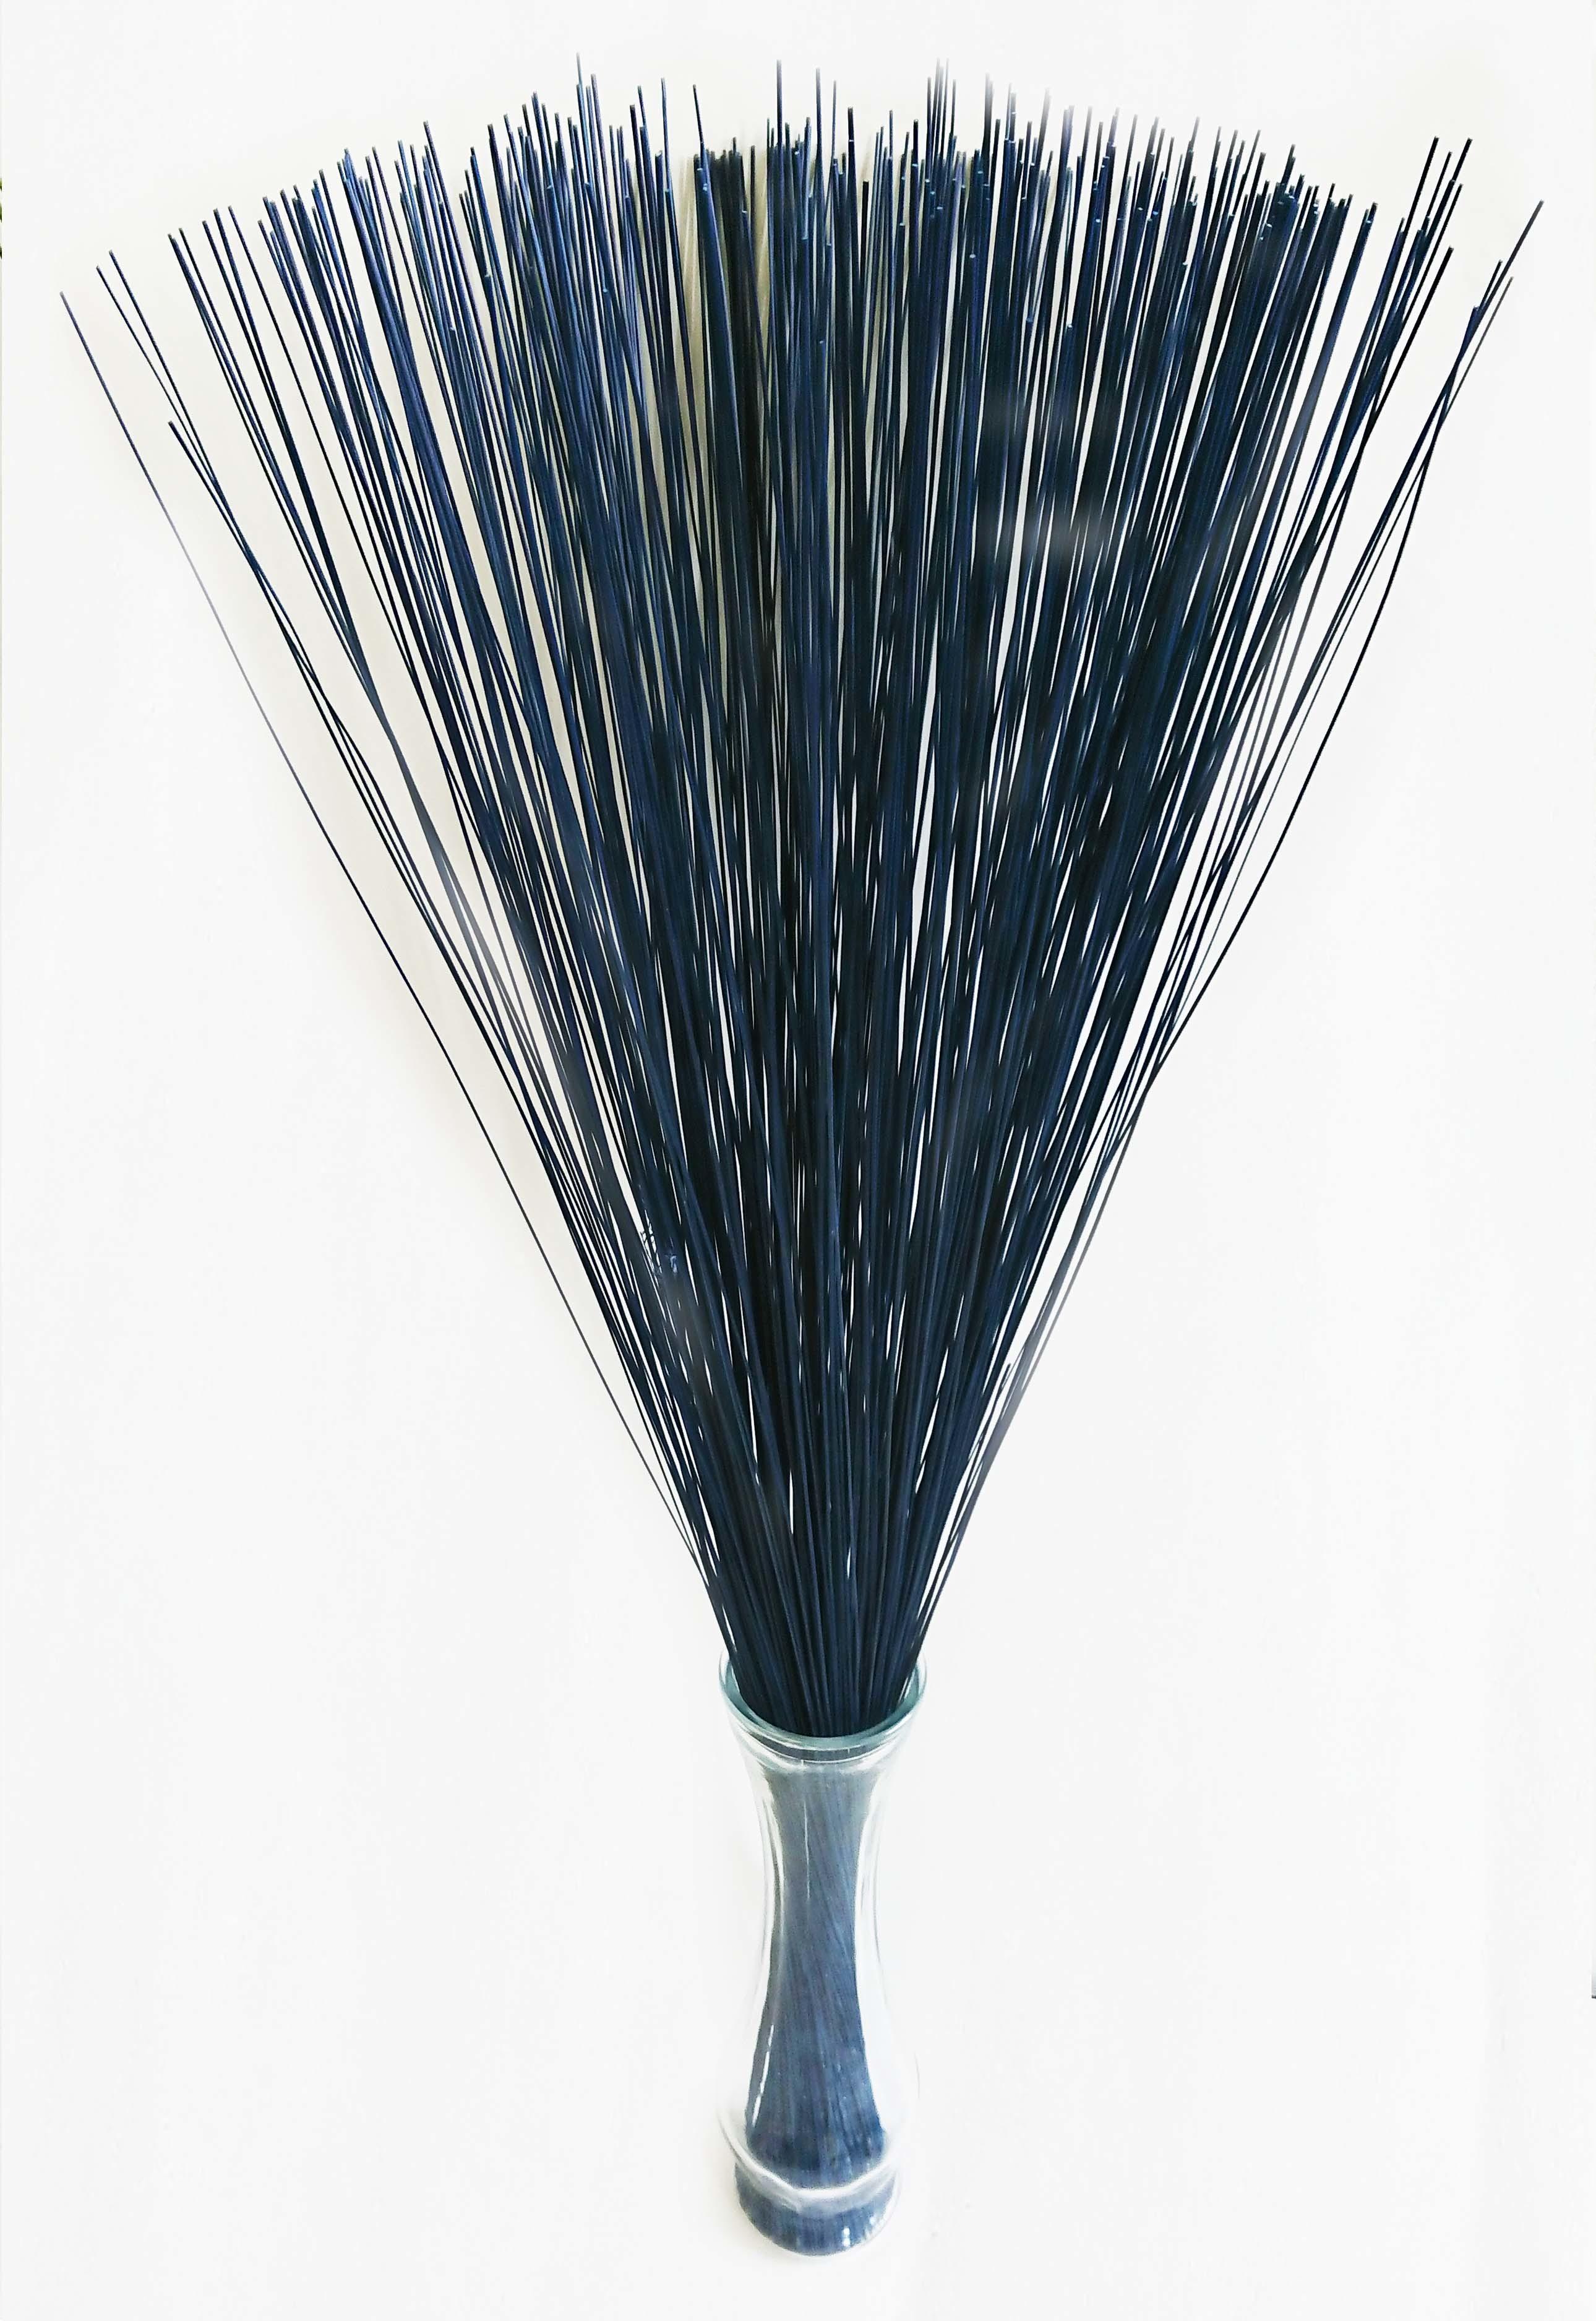 【イ草フラワー ダークブルー】Rush Grass Flower Dark Blue 70cm